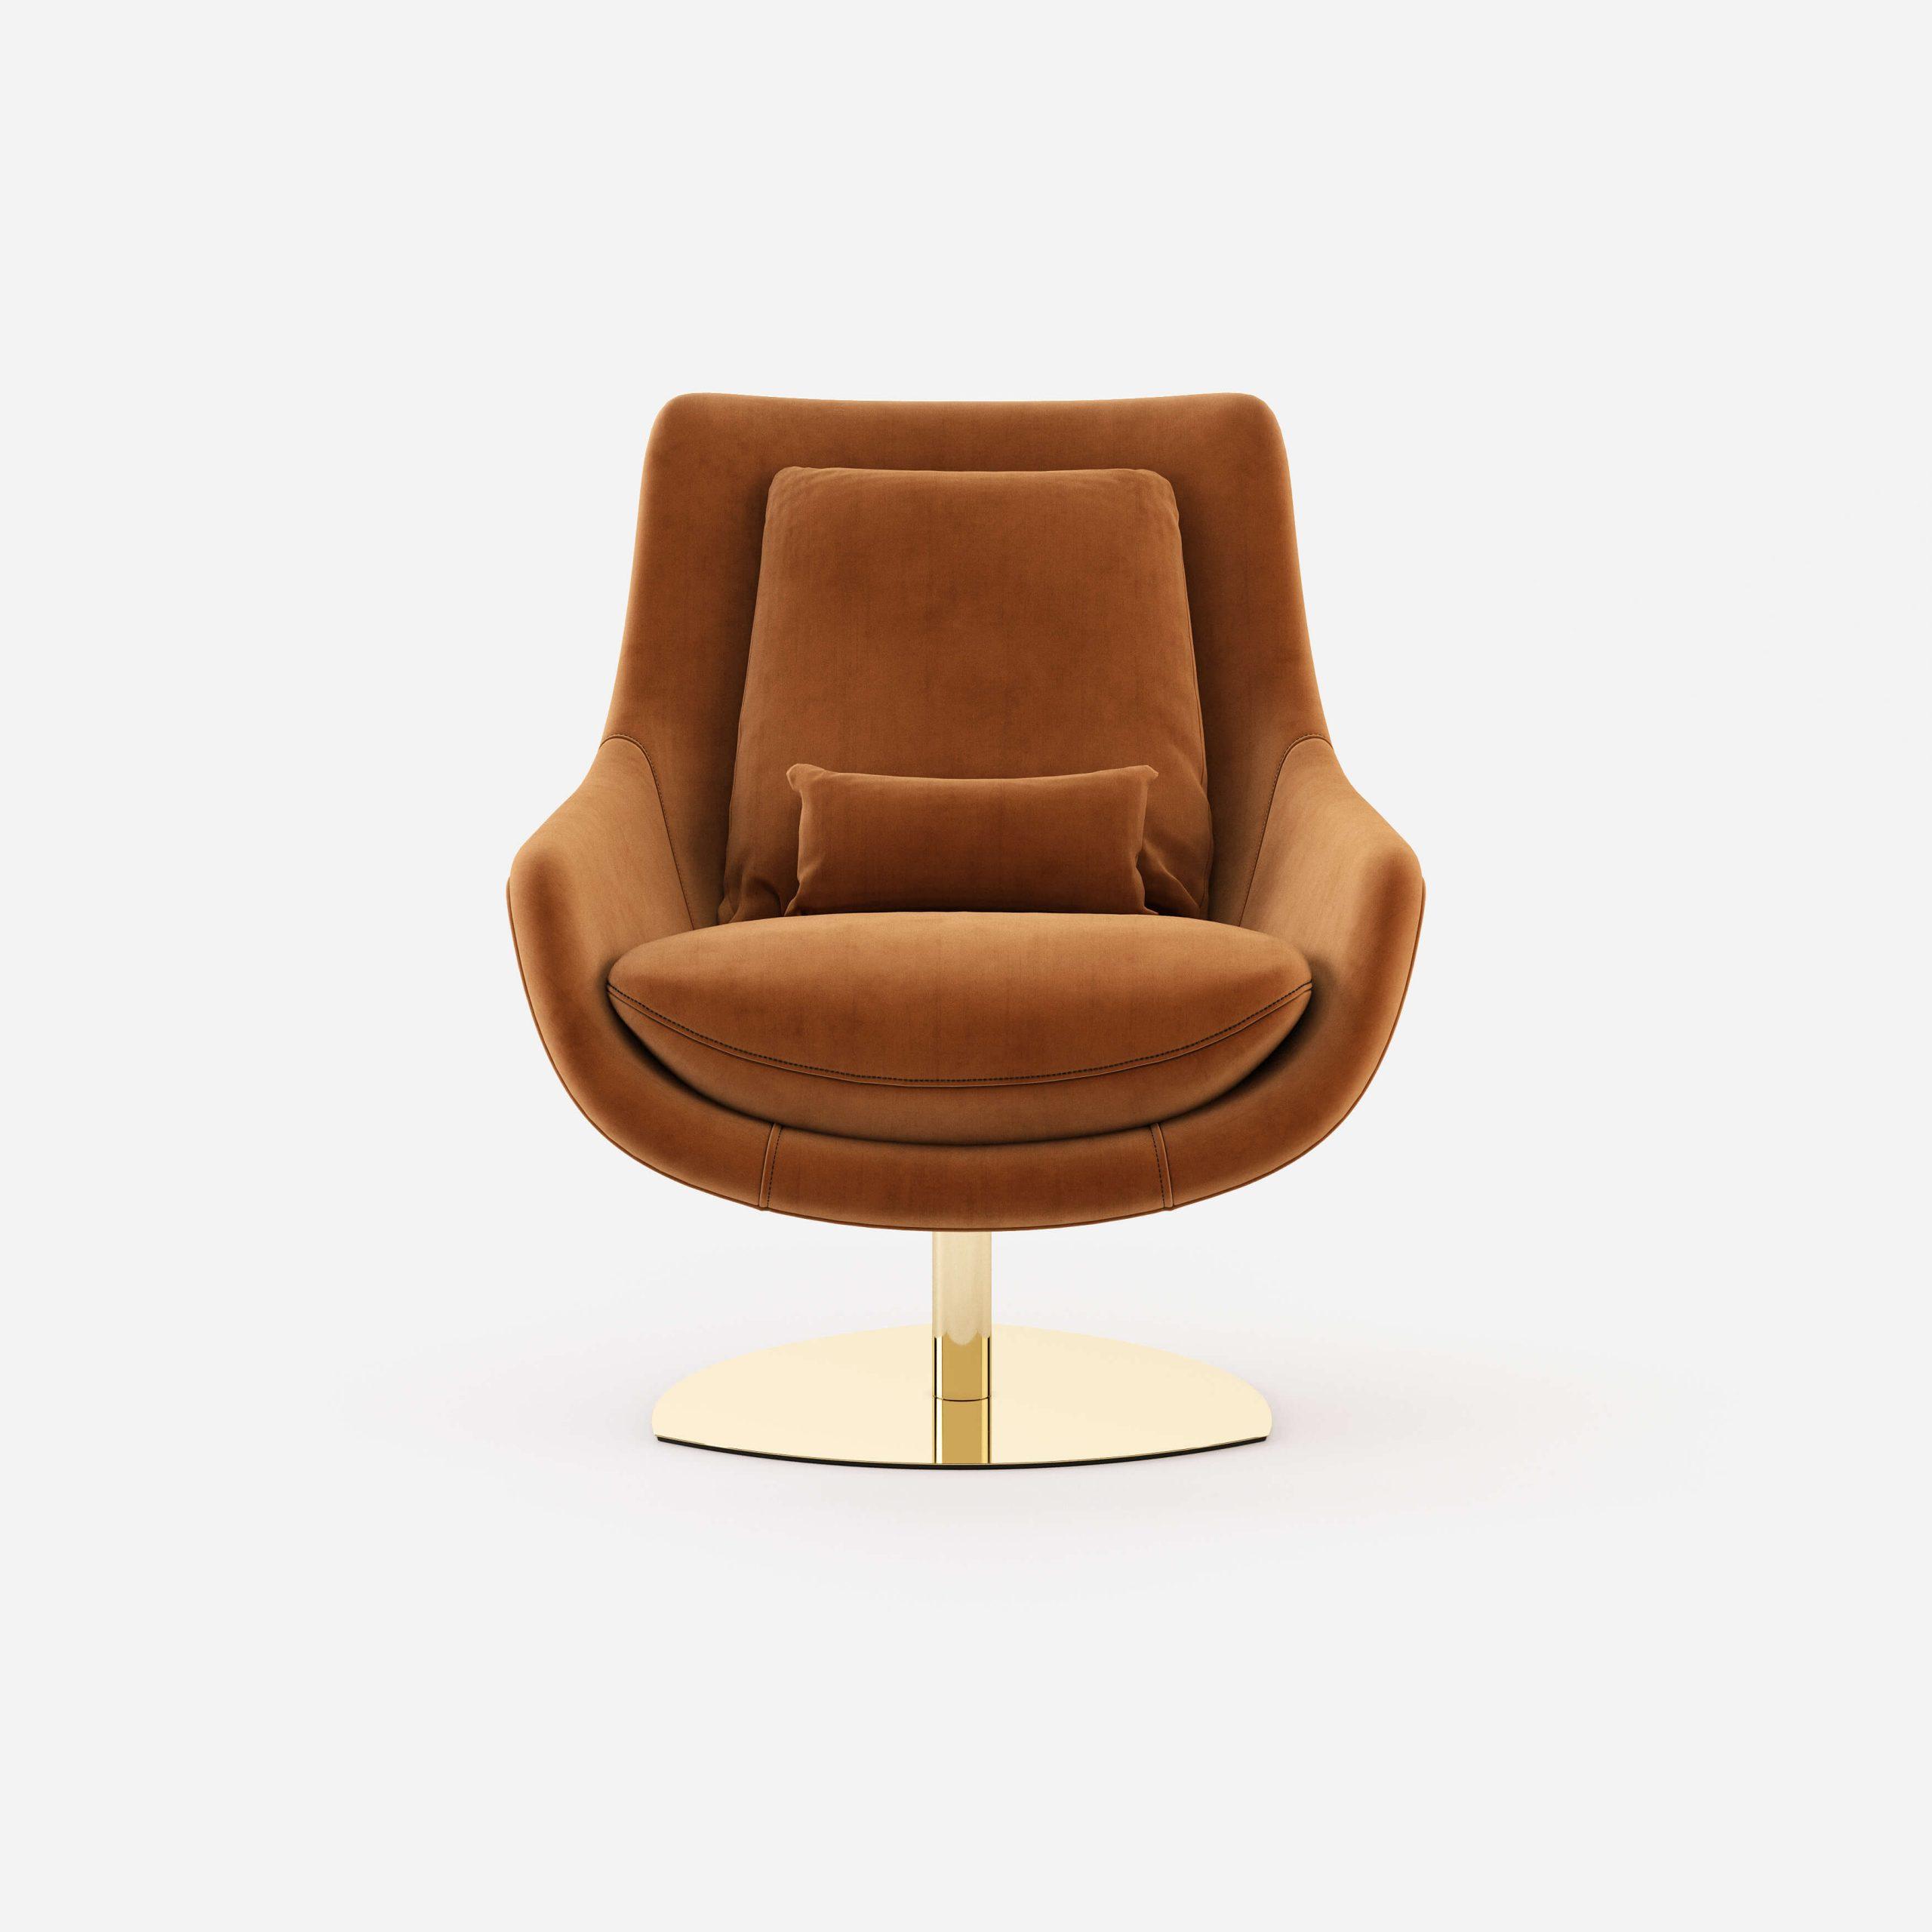 Elba-armchair-cotton-velvet-upholstered-furniture-living-room-interior-design-domkapa-Gold-stainless-steel-1